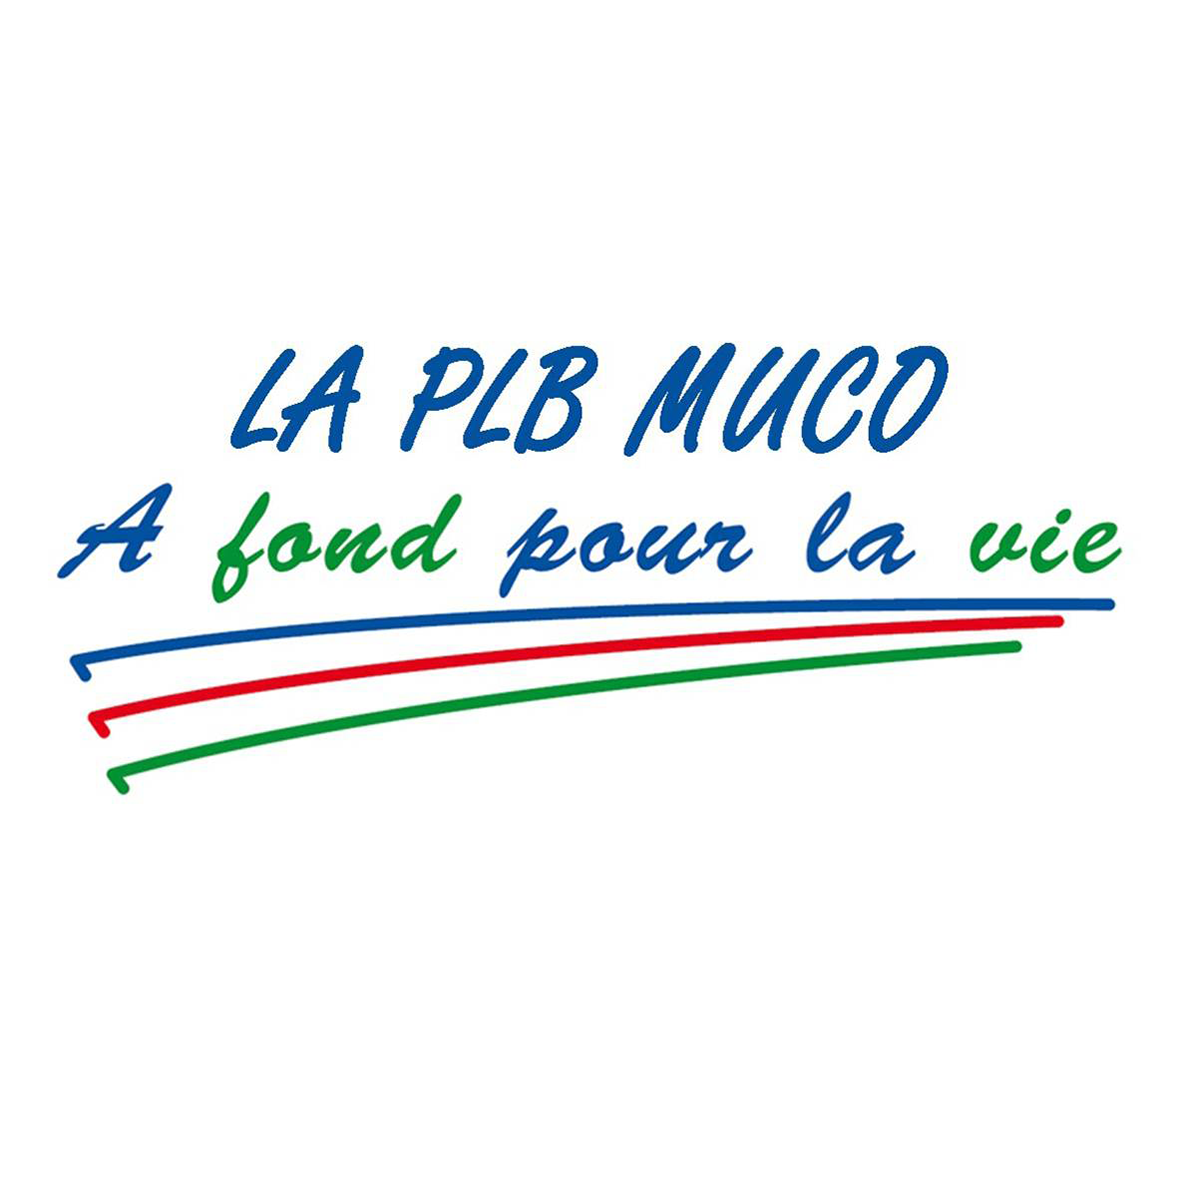 PLB Muco